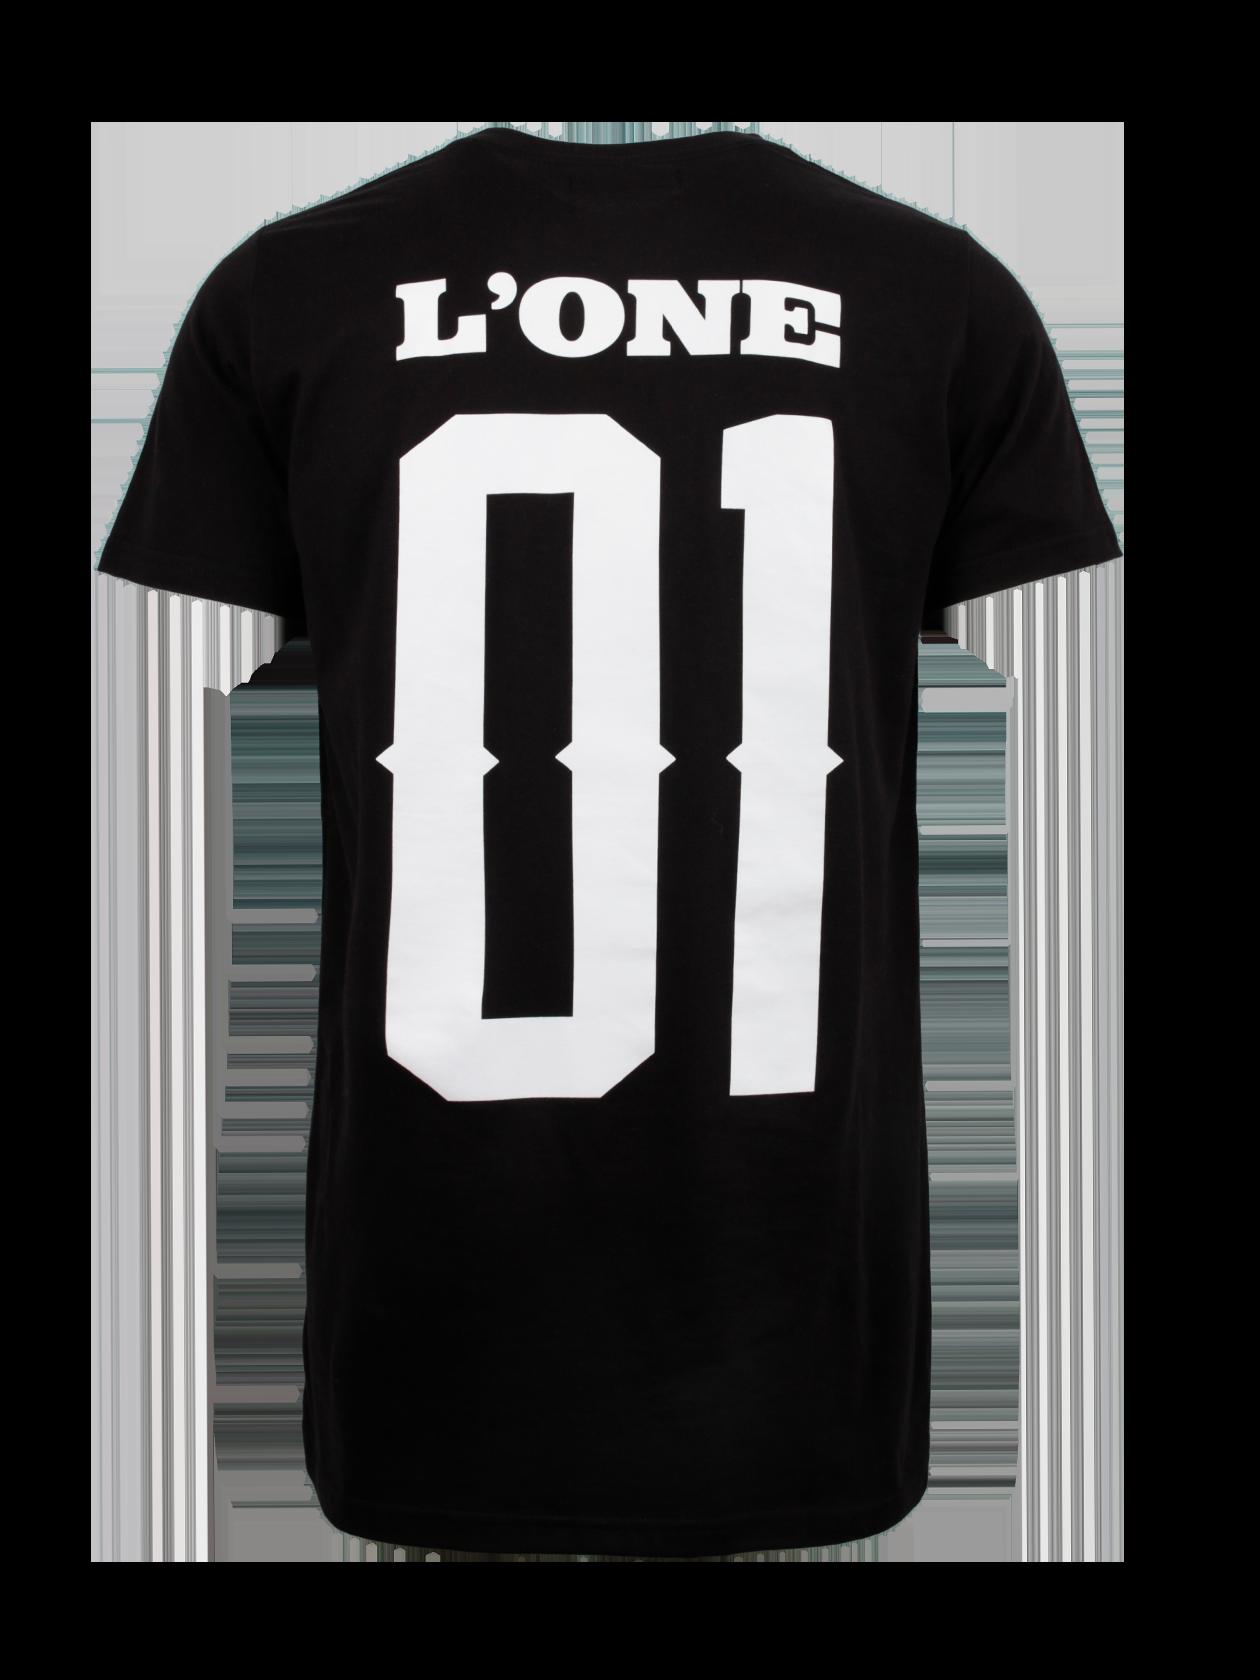 Футболка унисекс L01Черная футболка унисекс L01 из мерча L`one Гравитация дополнит повседневный и спортивный стиль. Модель обладает прямым полусвободным фасоном, силуэт удлинен. На спине крупная надпись «L`one 01». Узкая округлая горловина с эластичной обработкой, внутри по краю оформлена фирменная нашивка с логотипом бренда Black Star Wear. Футболка сшита из высококачественного натурального хлопка, за счет чего обеспечивается практичность вещи.<br><br>Размер: M<br>Цвет: Черный<br>Пол: Мужской